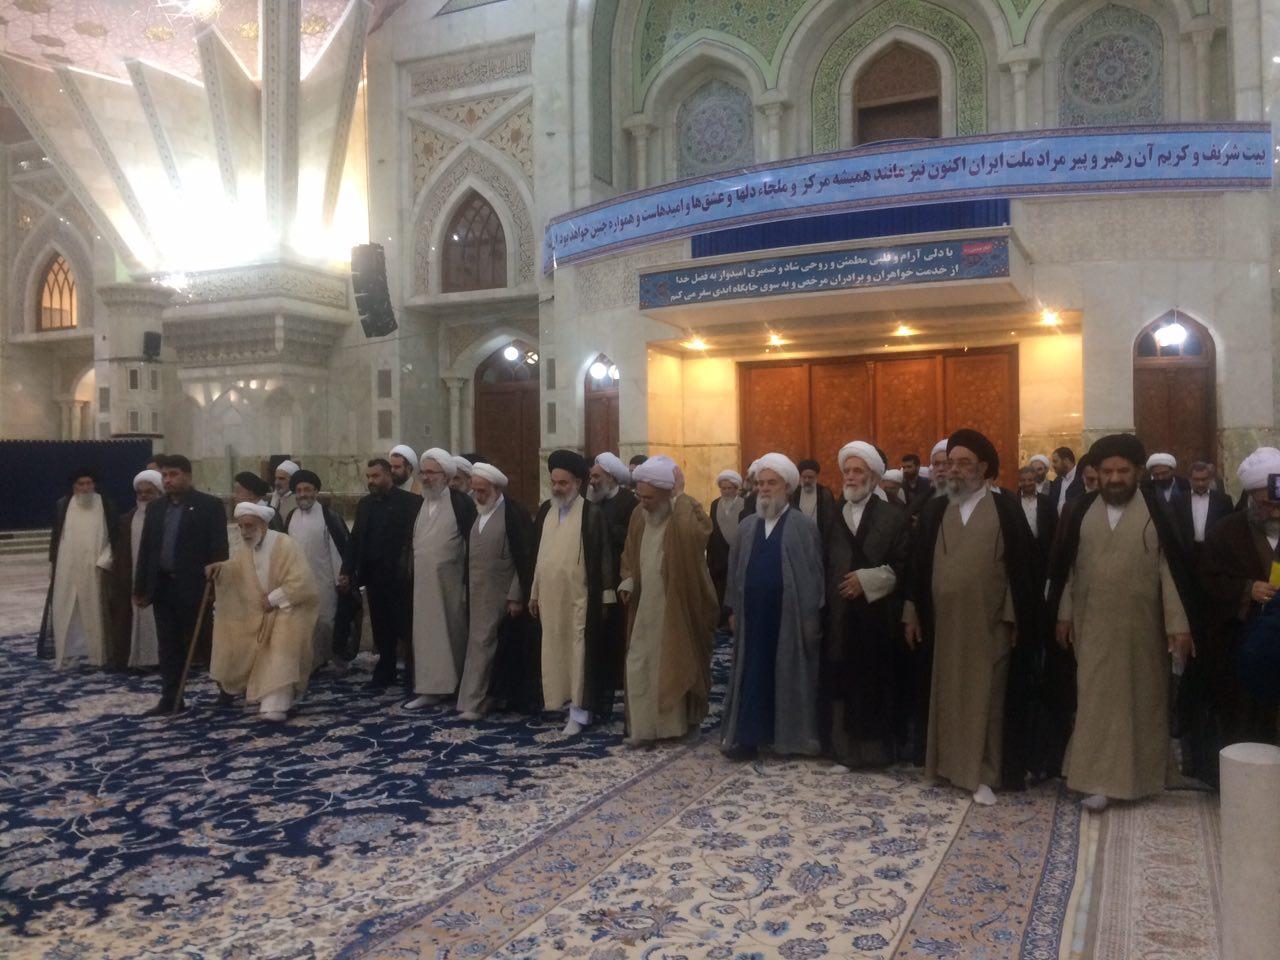 رئیس و اعضای مجلس خبرگان رهبری با آرمانهای حضرت امام خمینی (ره) تجدید میثاق کردند.